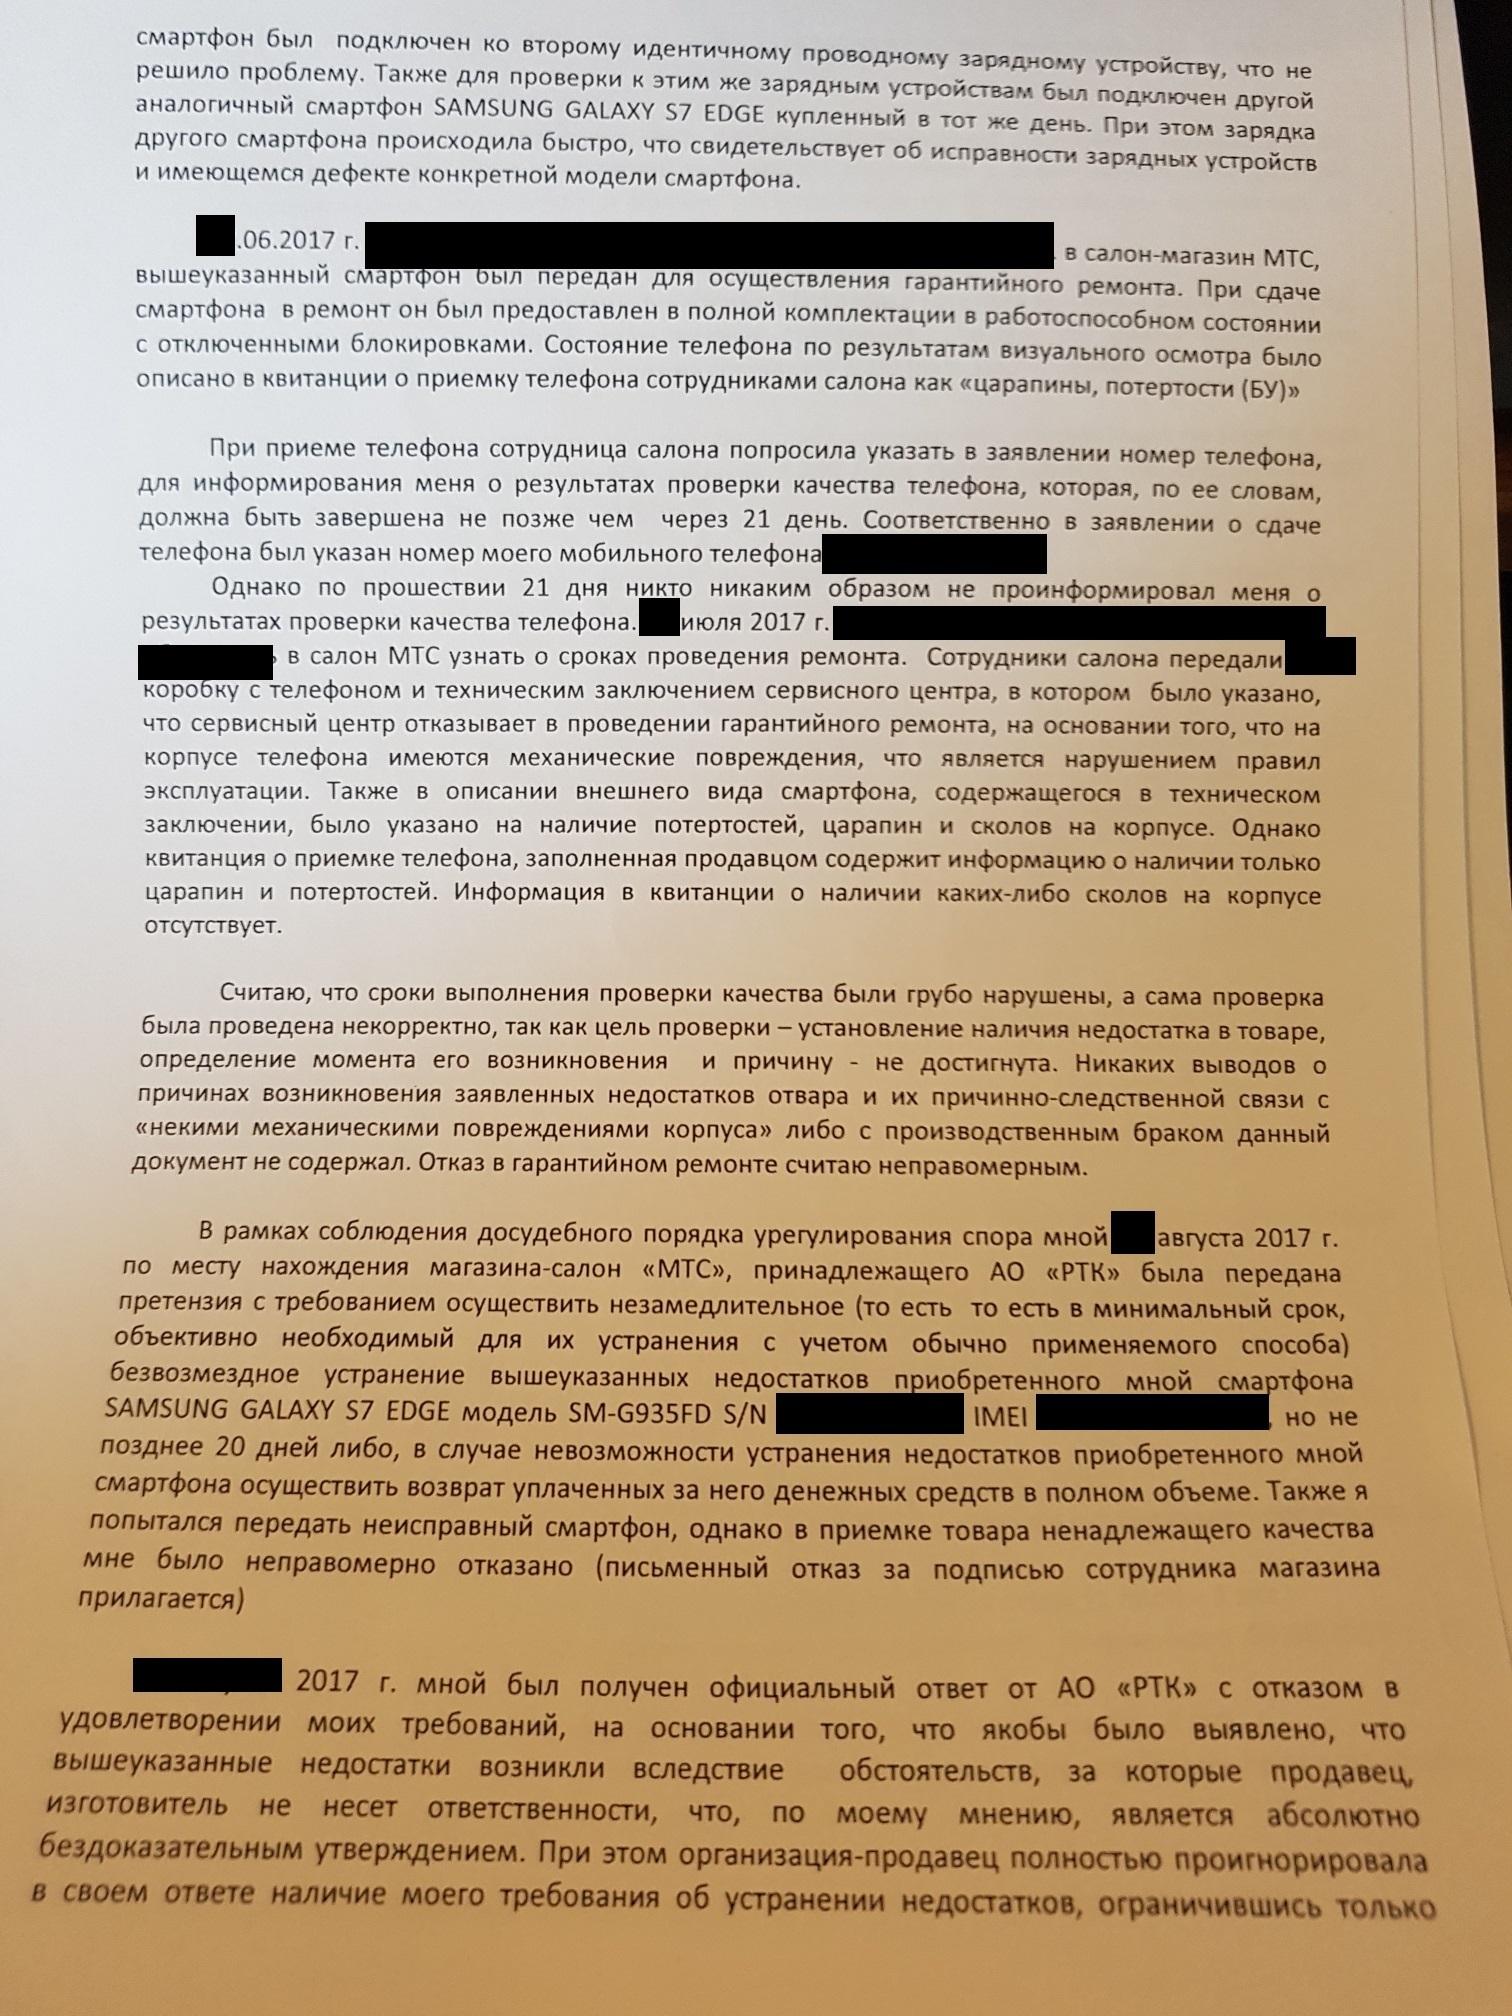 Как можно записаться на подачу заявления о гражданстве в балашихе